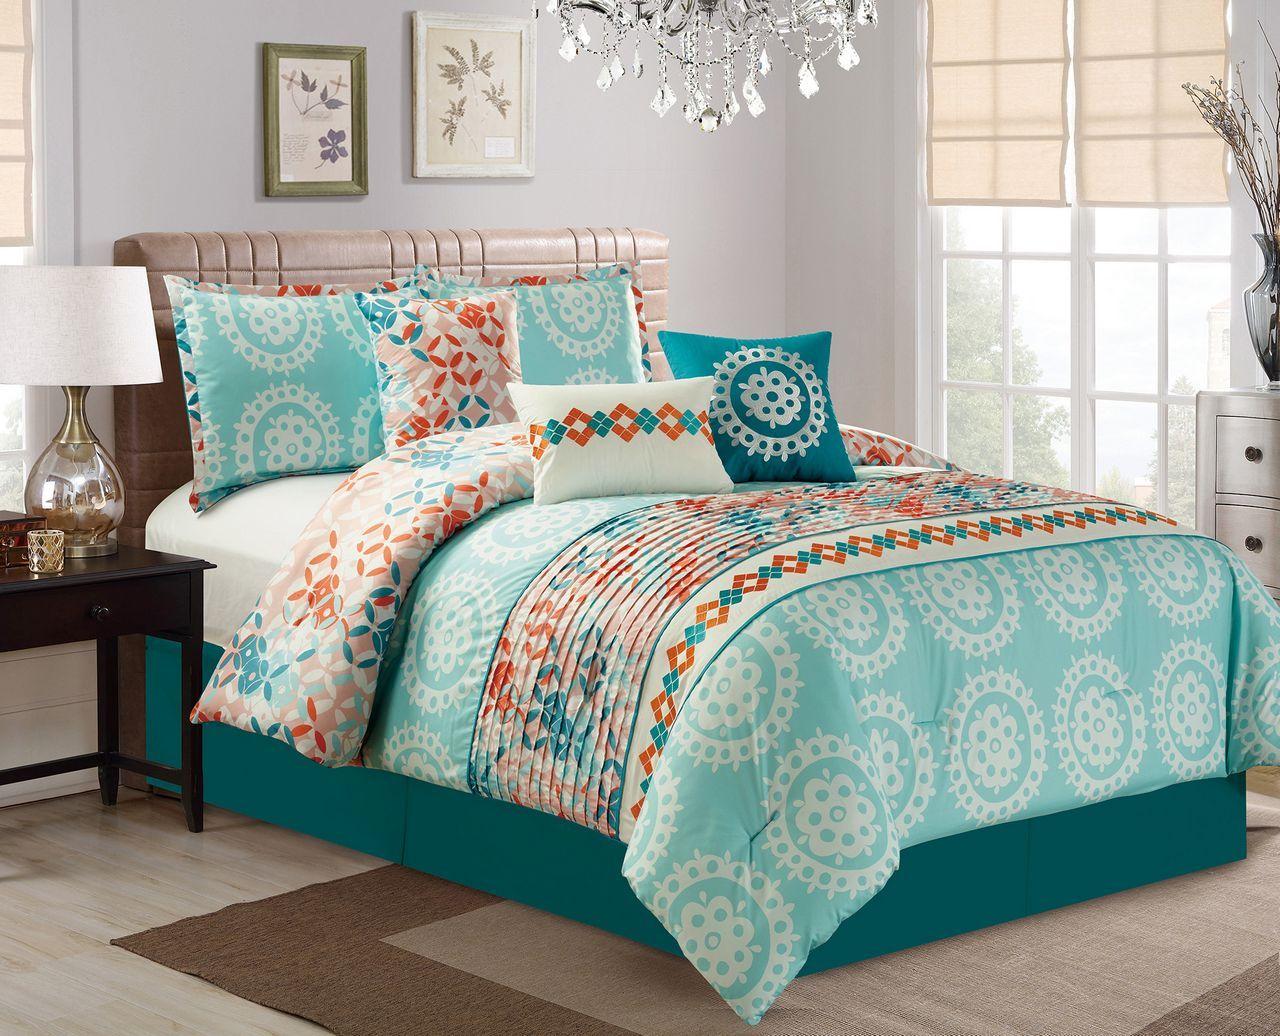 7 Piece Medallion Teal Coral Comforter Set Comforter Sets Teal